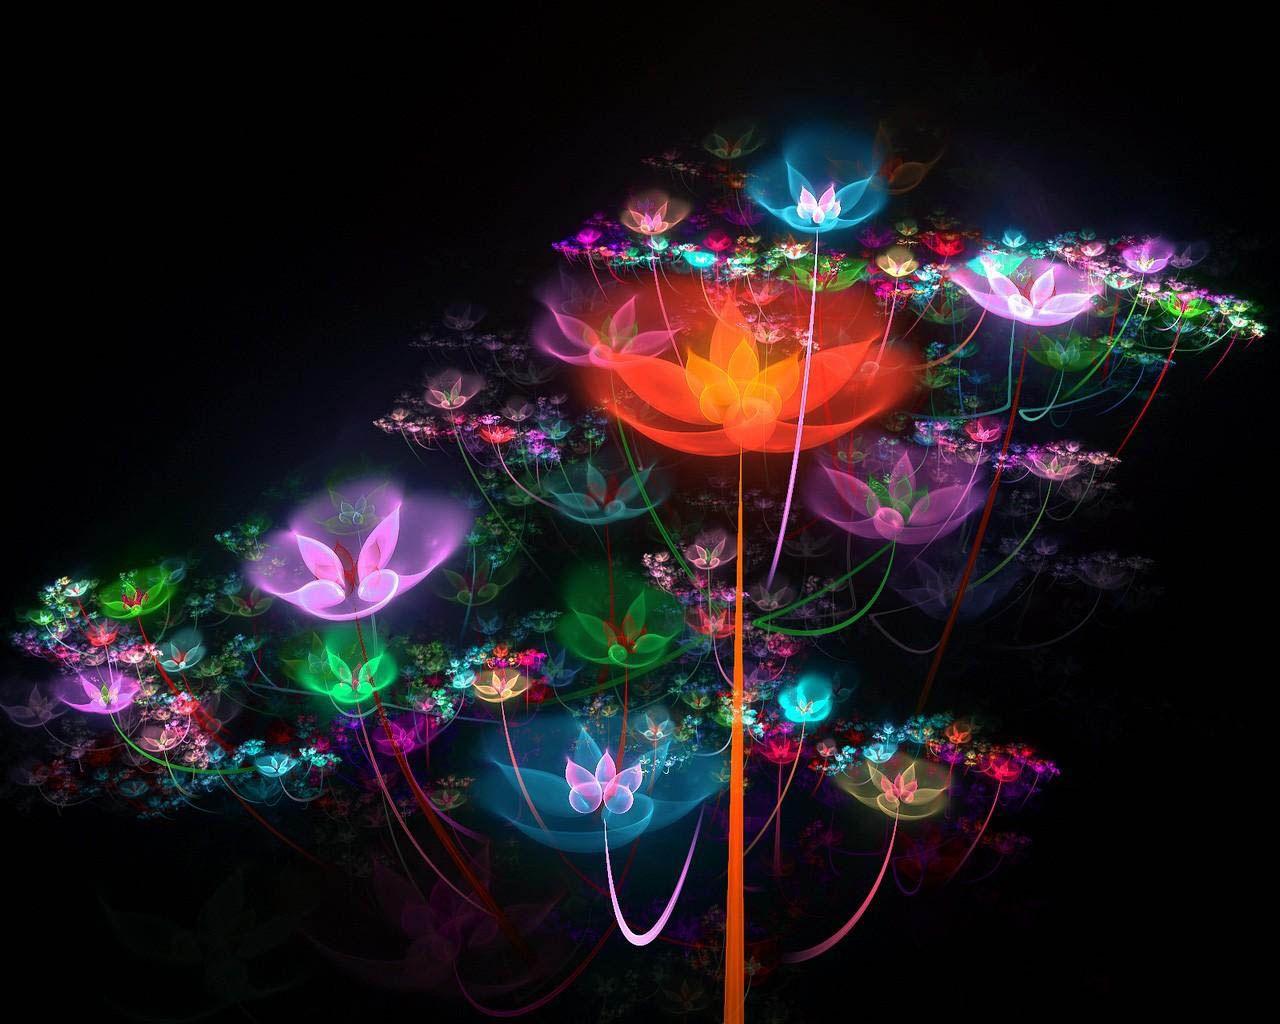 Картинка Мистические цветы в 3д - Картинки 3D-Графика ...